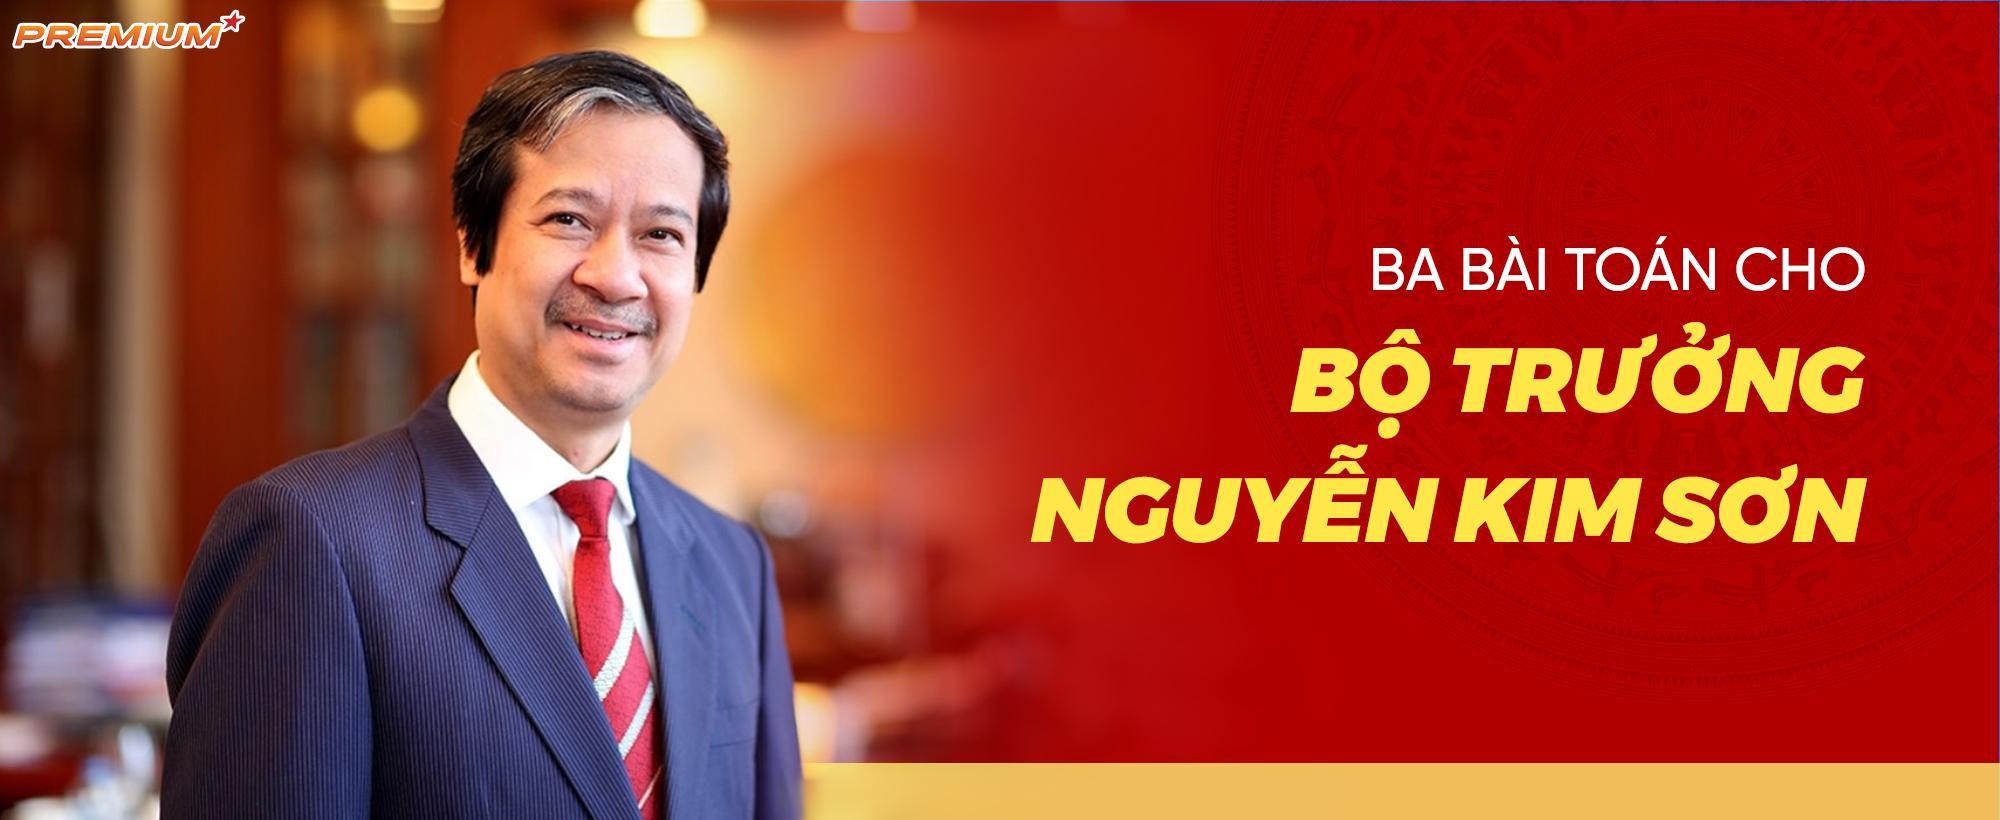 Ba bài toán cho Bộ trưởng Nguyễn Kim Sơn